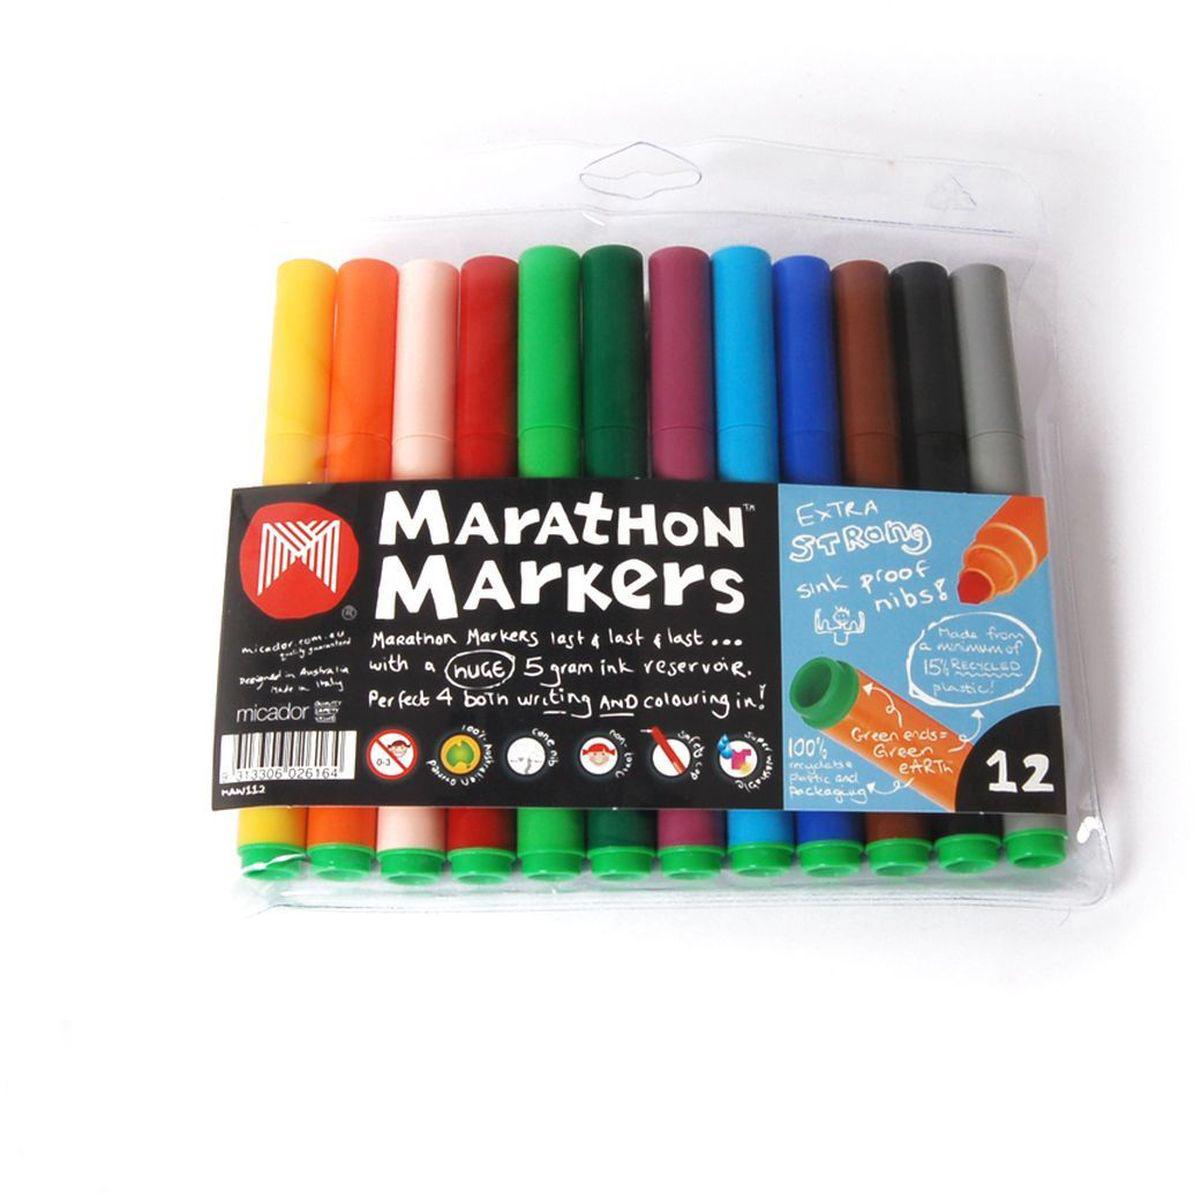 Micador Долговечные фломастеры 12 цветовMAW112Фломастеры наполнены экологически чистыми чернилами нового поколения, которые пишут особенно долго, не расплываются на бумаге, что позволяет делать четкие линии. Яркие насыщенные цвета для создания красивых рисунков. Изготовлены по запатентованной технологии Easy Wash. Смываются с кожи даже холодной? водой? и очень легко отстирываются, что обязательно оценят родители. Фломастеры имеют утолщенный корпус, разработанный специально для маленьких ручек, чтобы малышам было удобно рисовать. Долговечные, не высыхают с открытым колпачком до 8 недель, при необходимости заправляются водой, а это значит, что вам не придется покупать все новые и новые фломастеры. Экологичная, 100% перерабатываемая упаковка. Рисование - лучшее занятие для развития творческих и умственных способностей ребенка. Австралийский бренд Micador - эксперт в товарах для детского творчества с 1954 года.